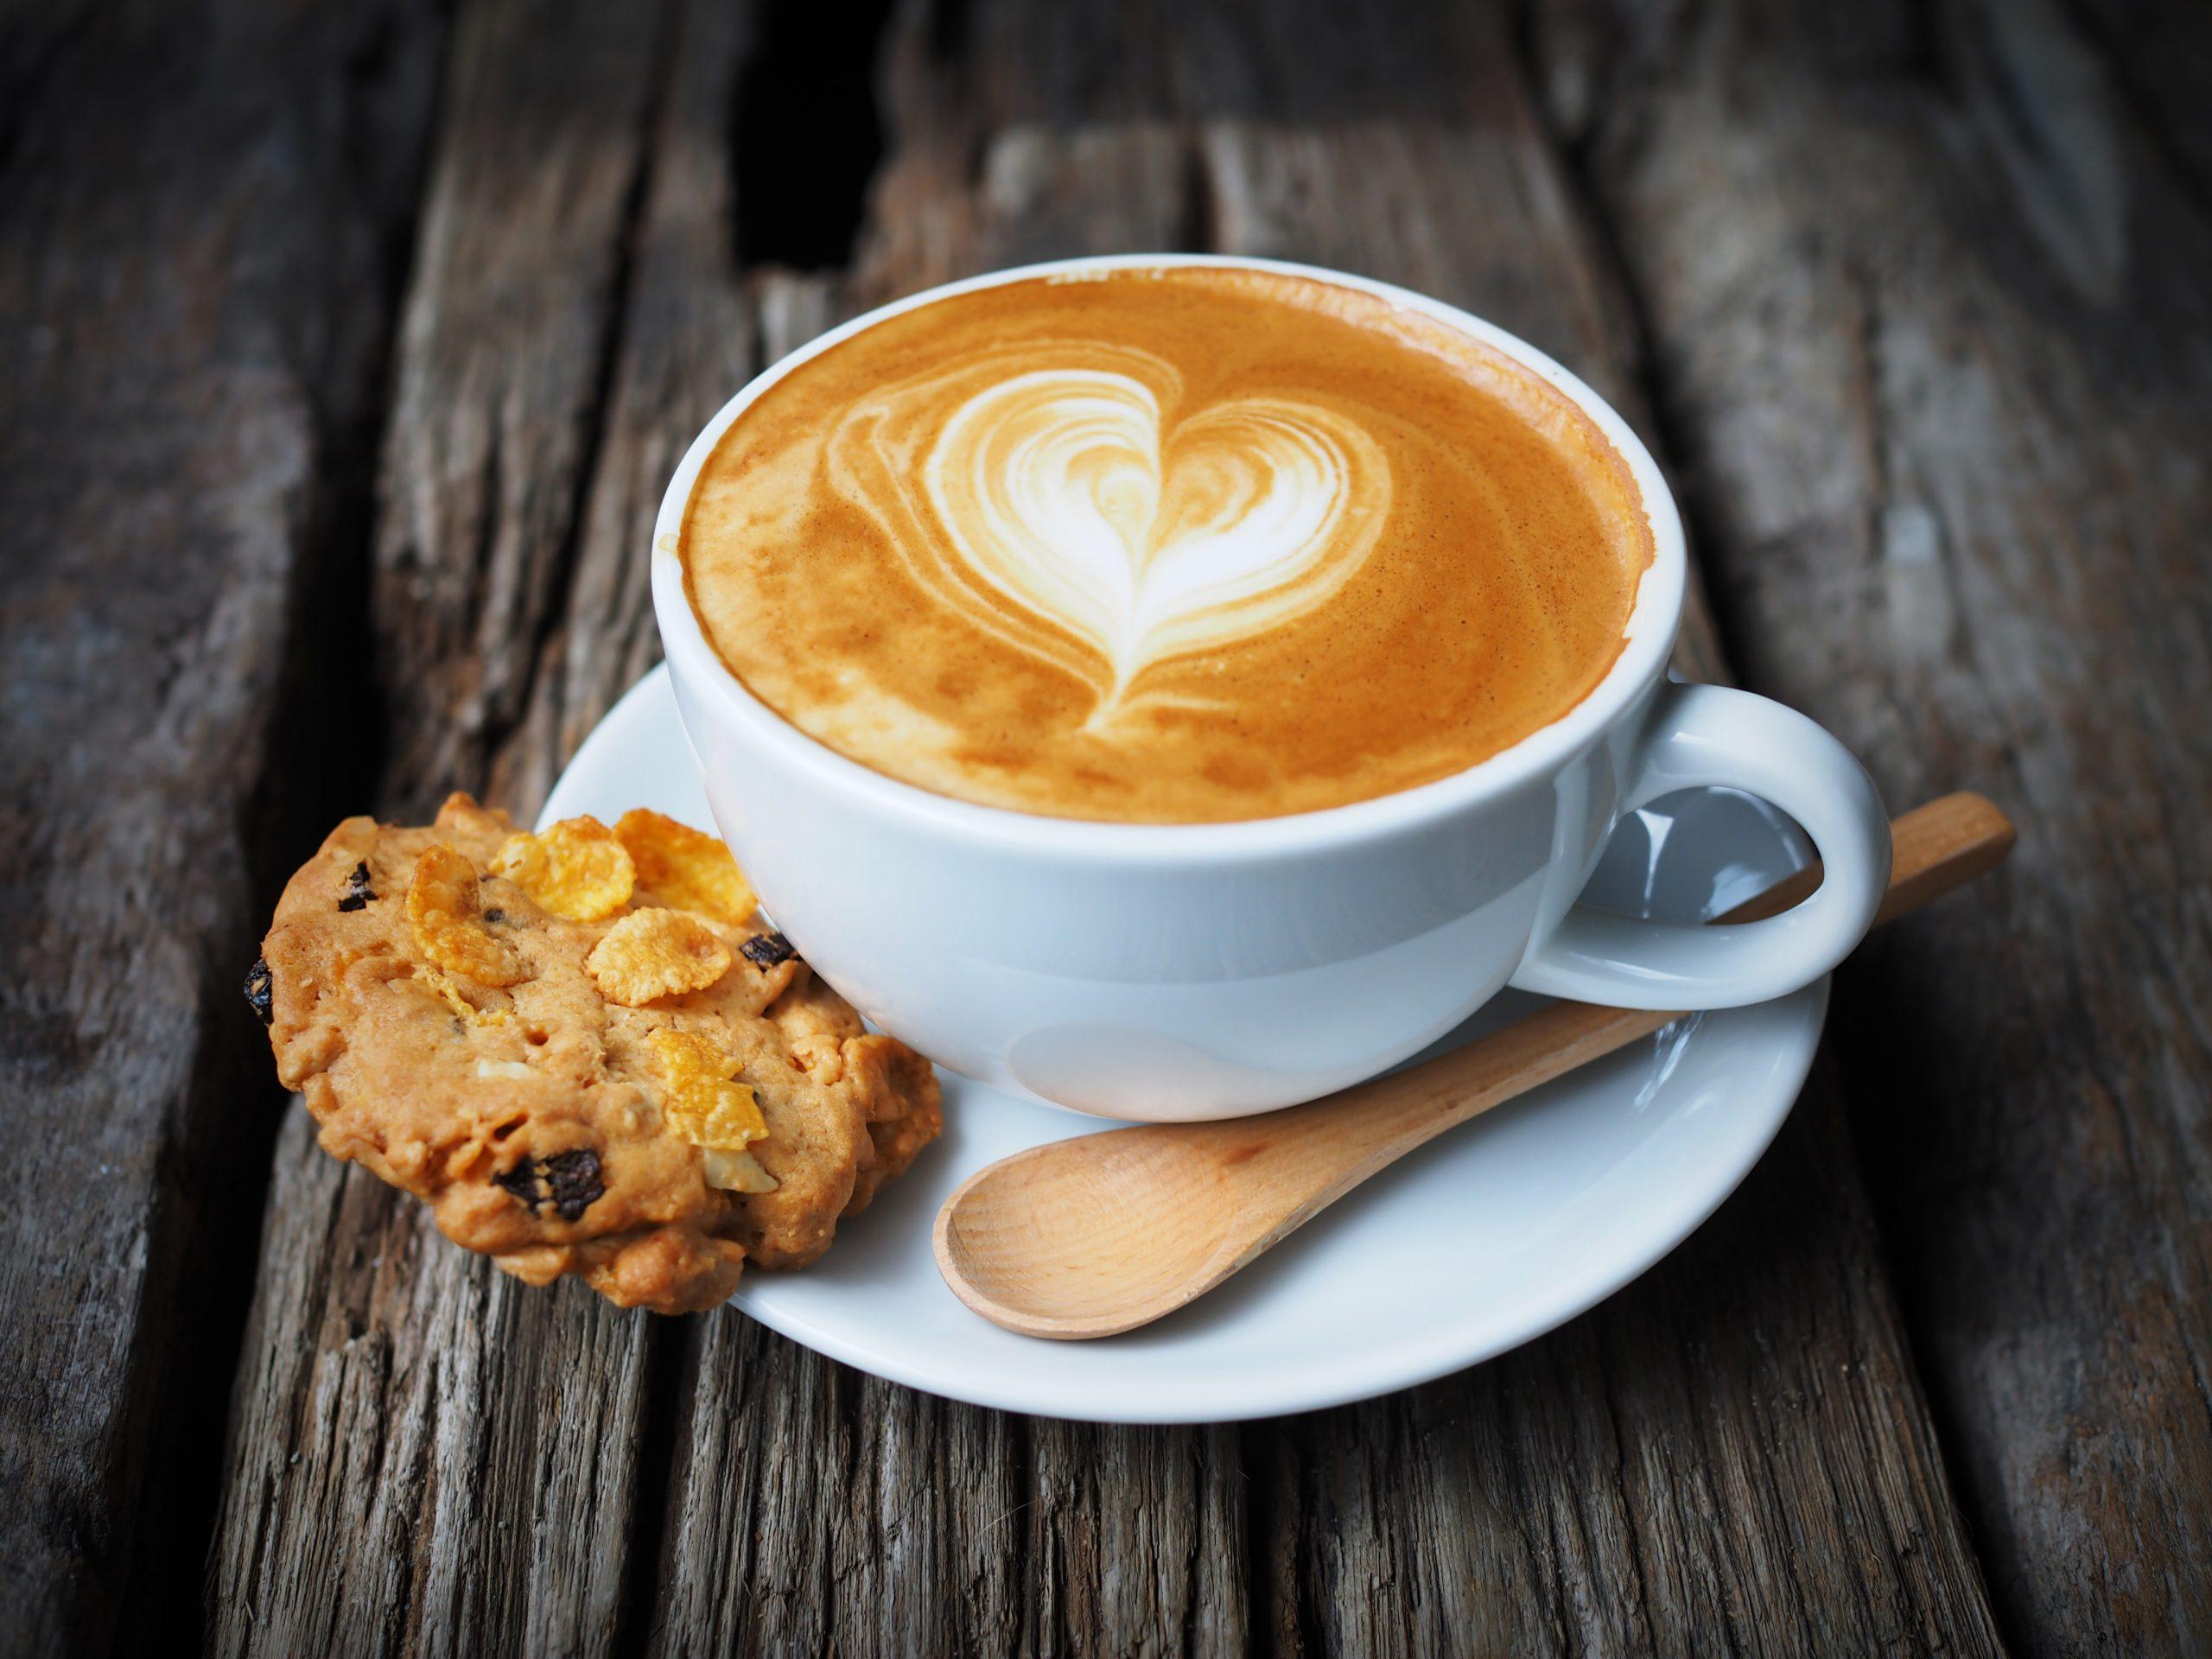 Comment faire un cappuccino parfait?